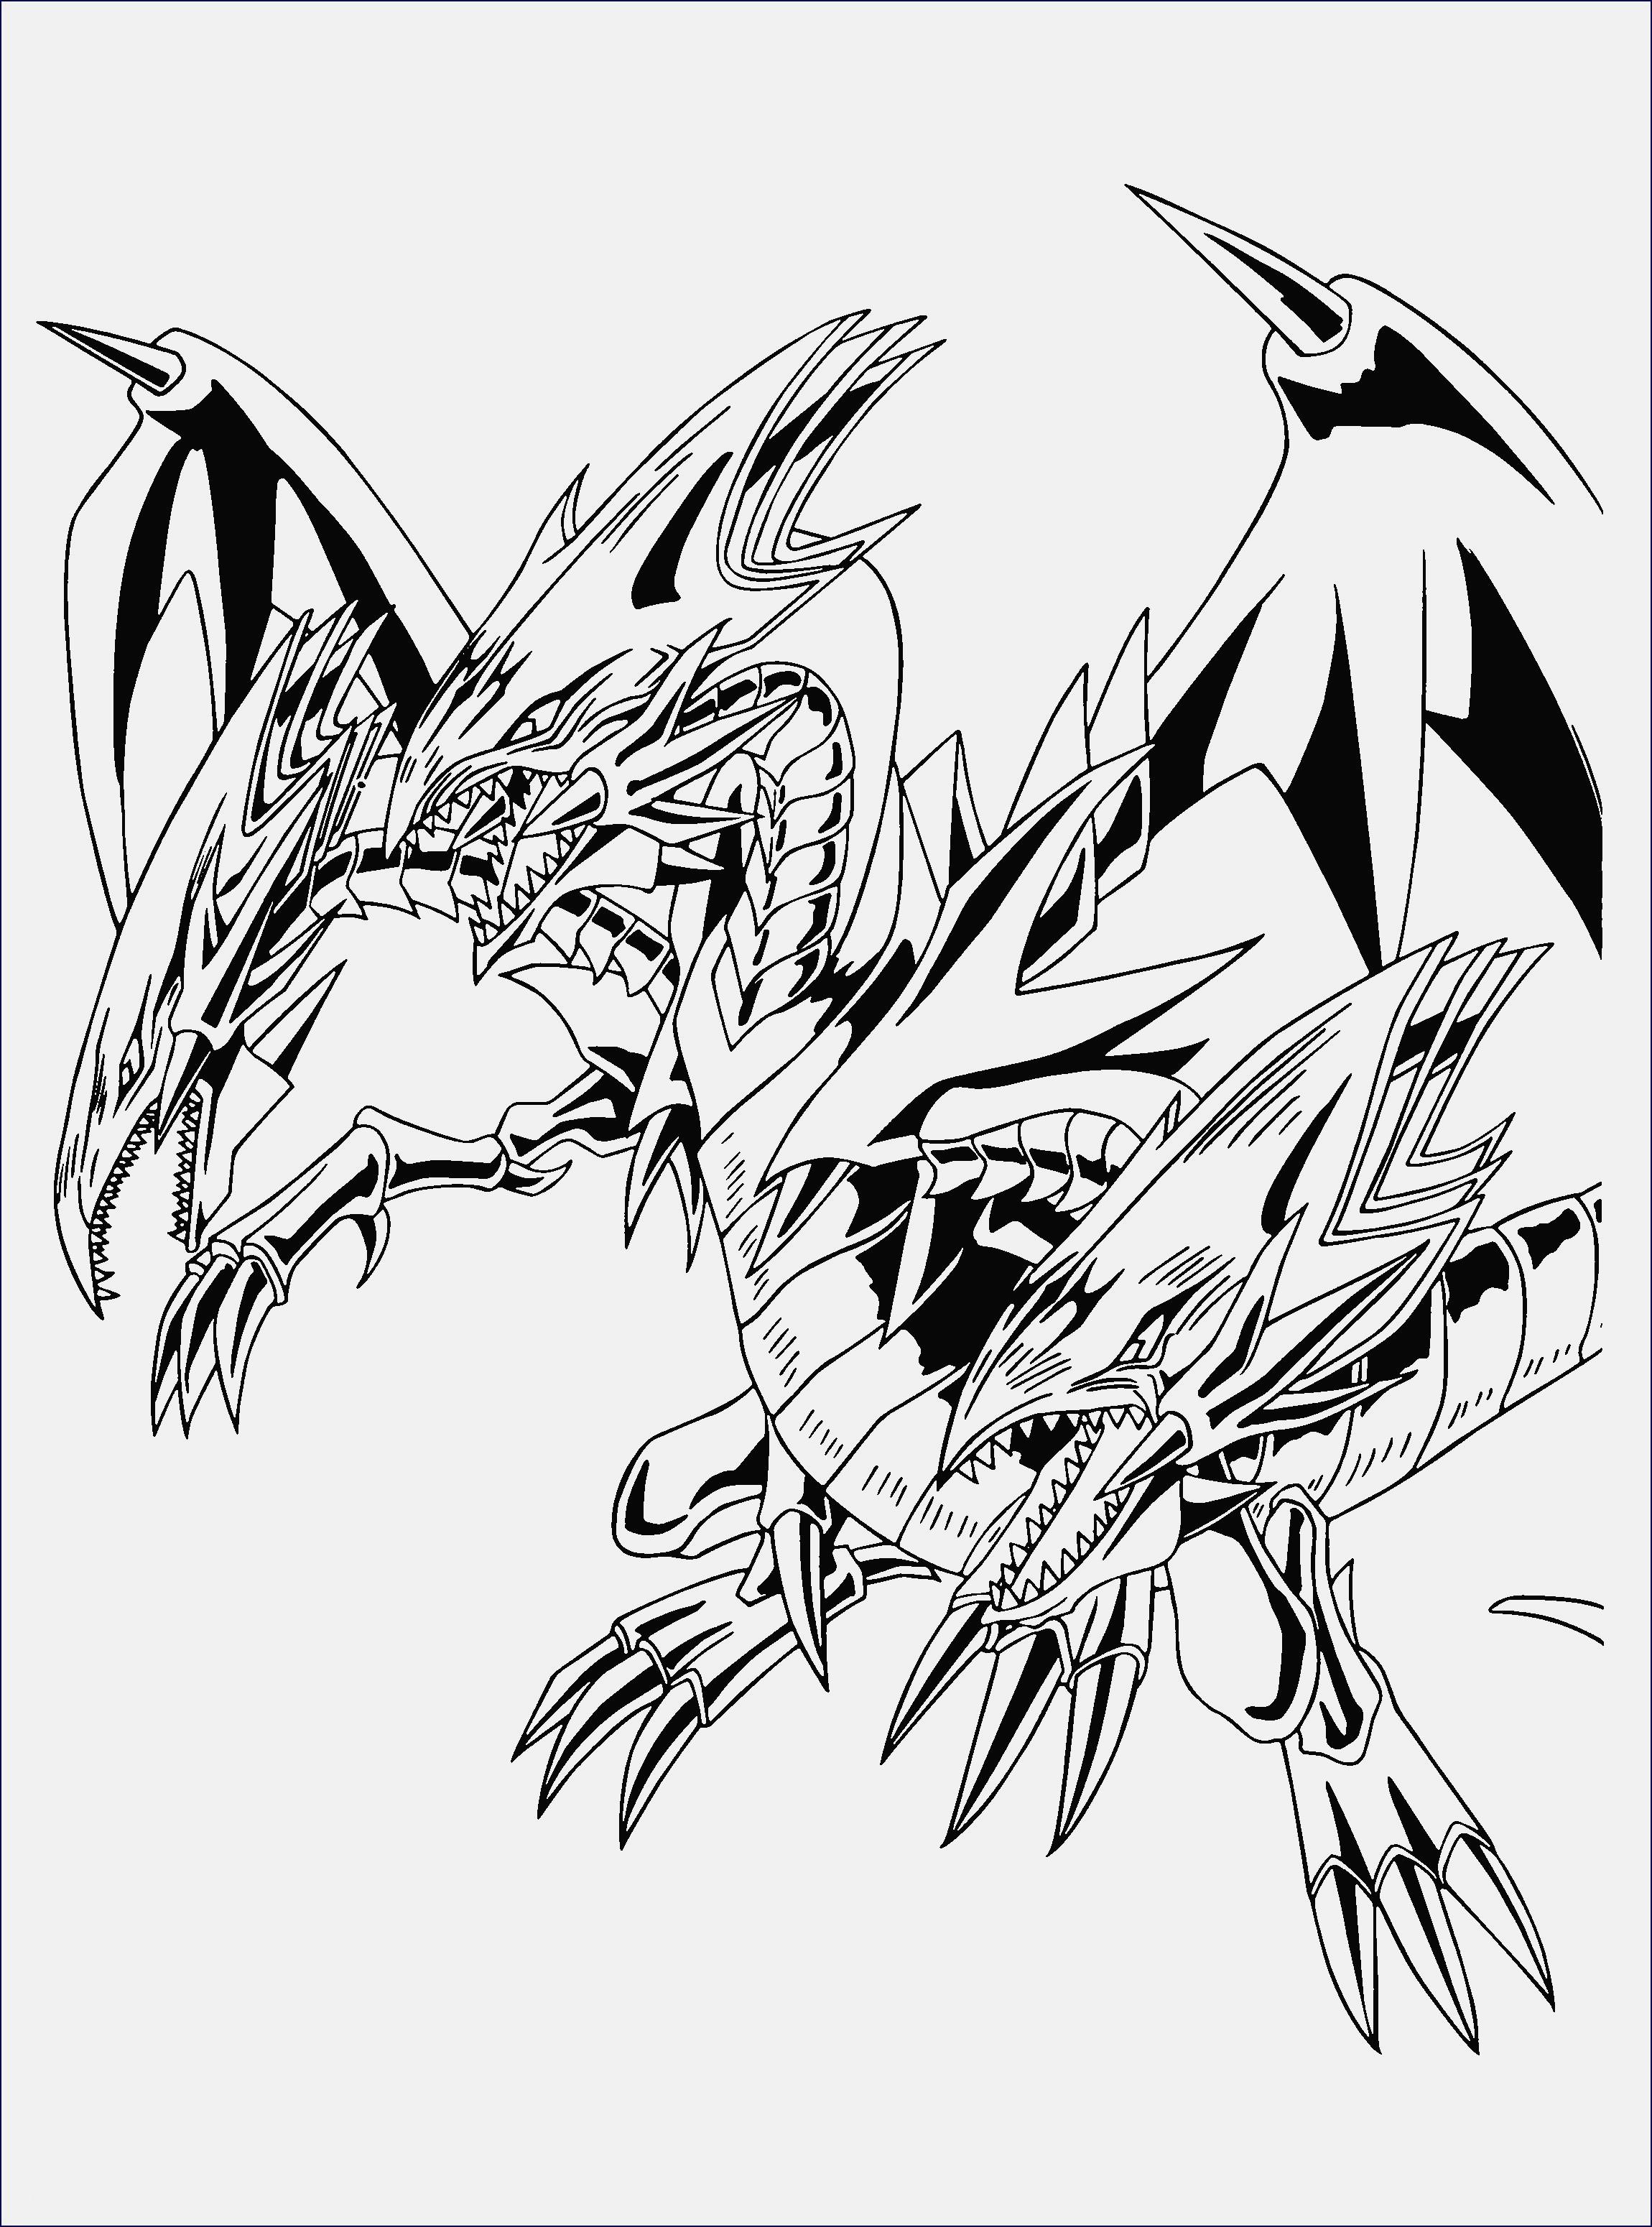 Ausmalbilder Ninjago Schlangen Neu Dragons Ausmalbilder Verschiedene Bilder Färben Unbelievable Das Bild